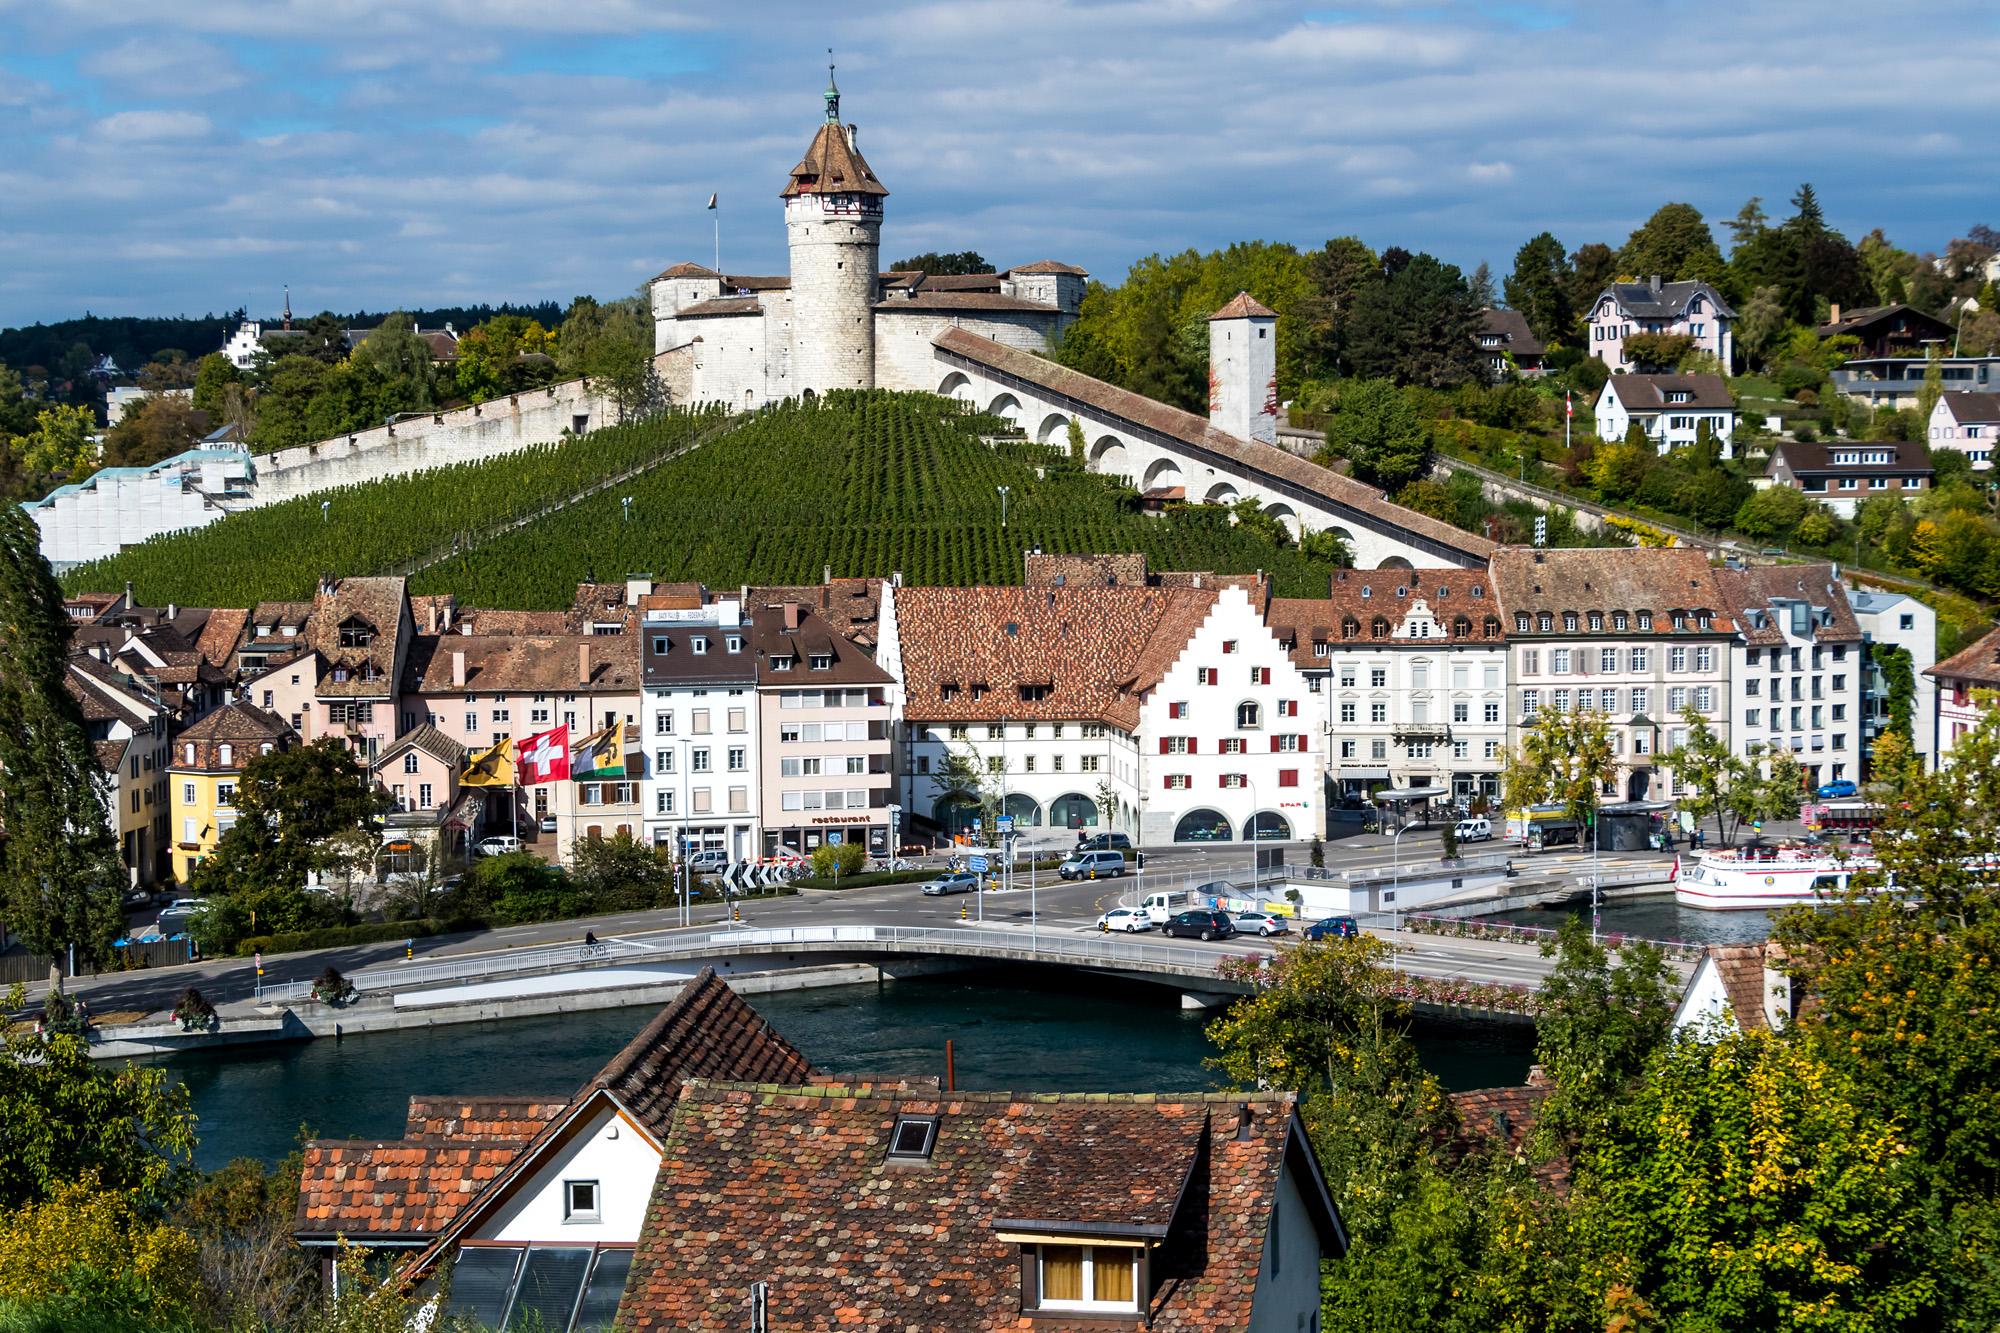 Panorama von Schaffhausen mit seinem Wahrzeichen, dem Munot. Am Rhein stehen noch einige letzte Lagerhäuser, in denen auf dem Rhein transportierte Güter aufbewahrt wurden